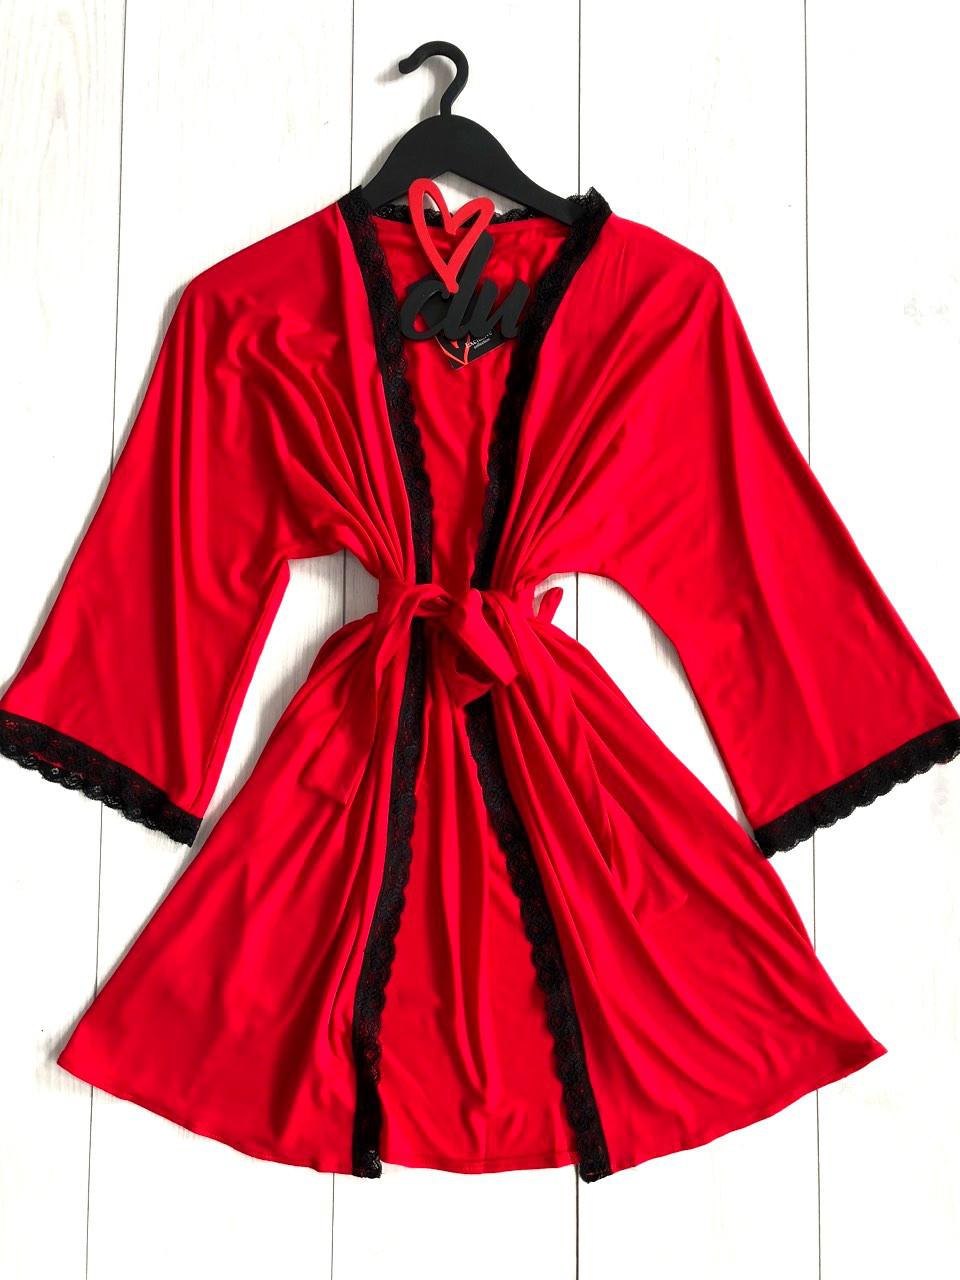 Домашняя одежда,женский красный халат ТМ Exclusive